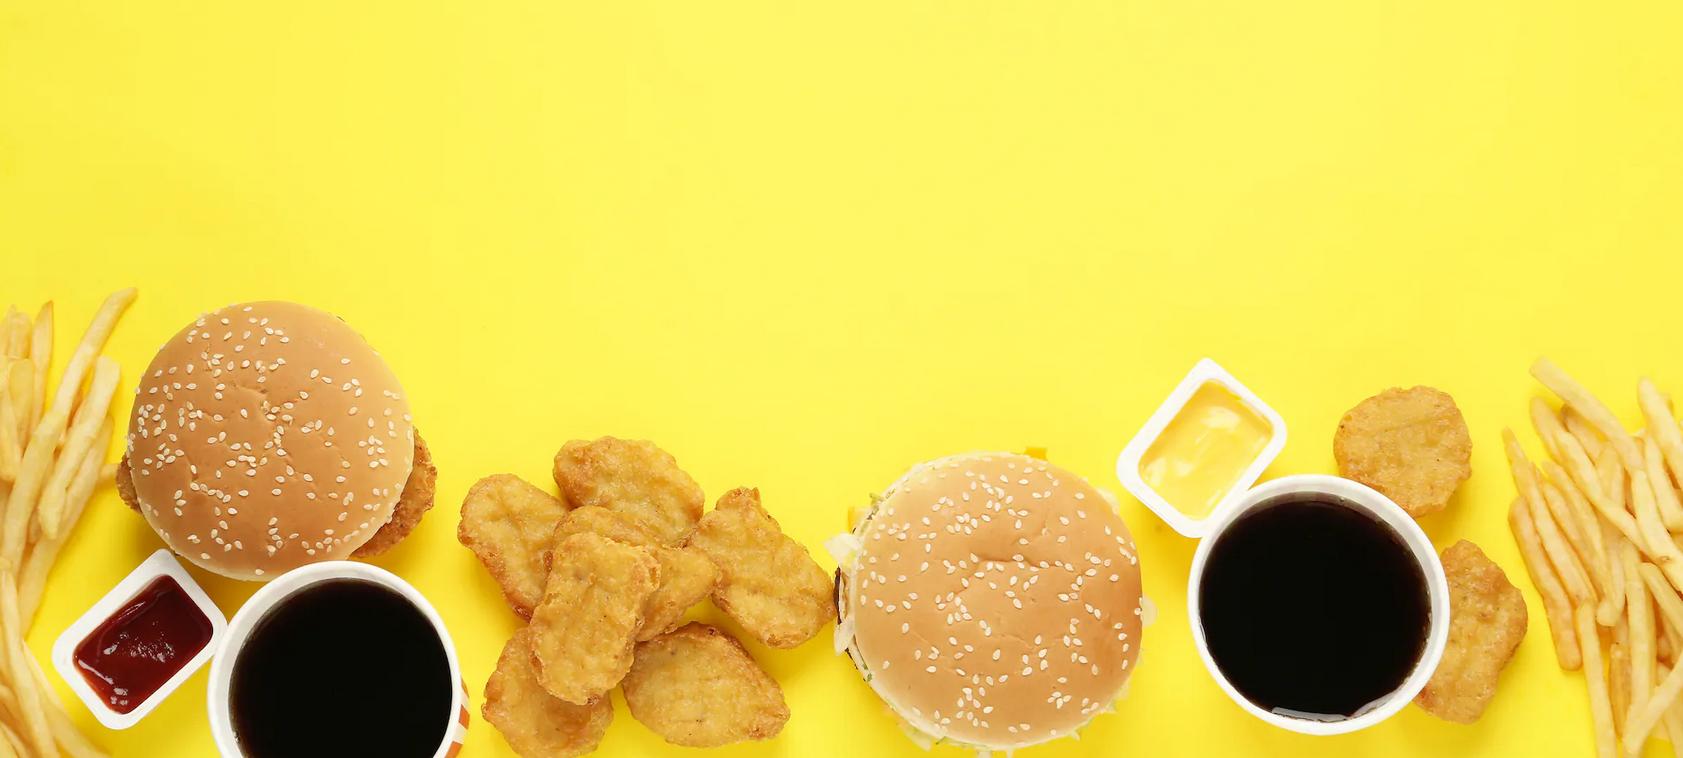 Une image contenant tasse, café, alimentation, petit déjeuner  Description générée automatiquement